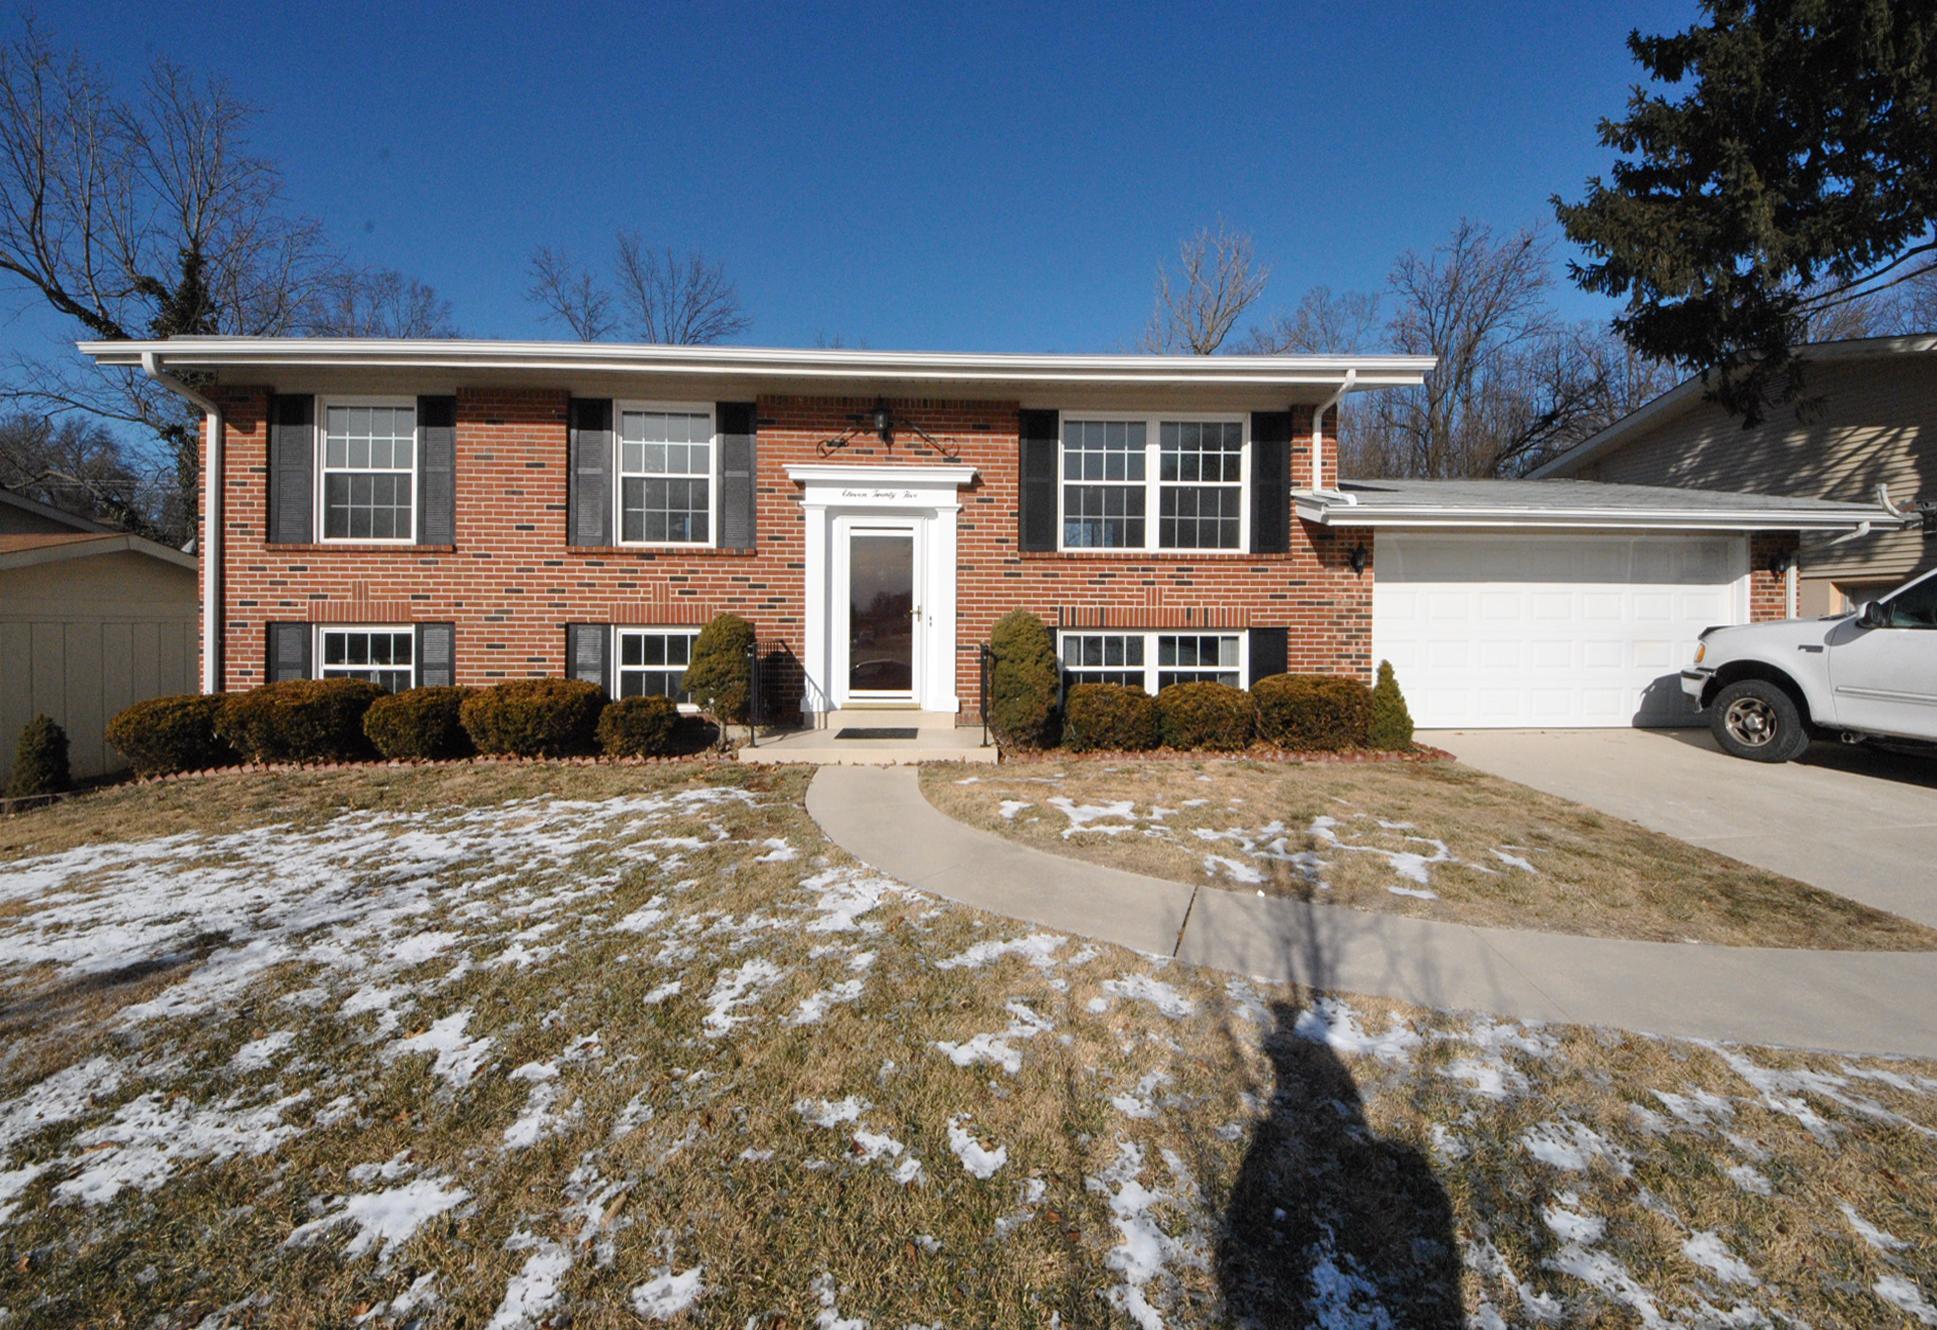 1125 Bromfield Terrace, Ballwin, MO 63021 is for sale